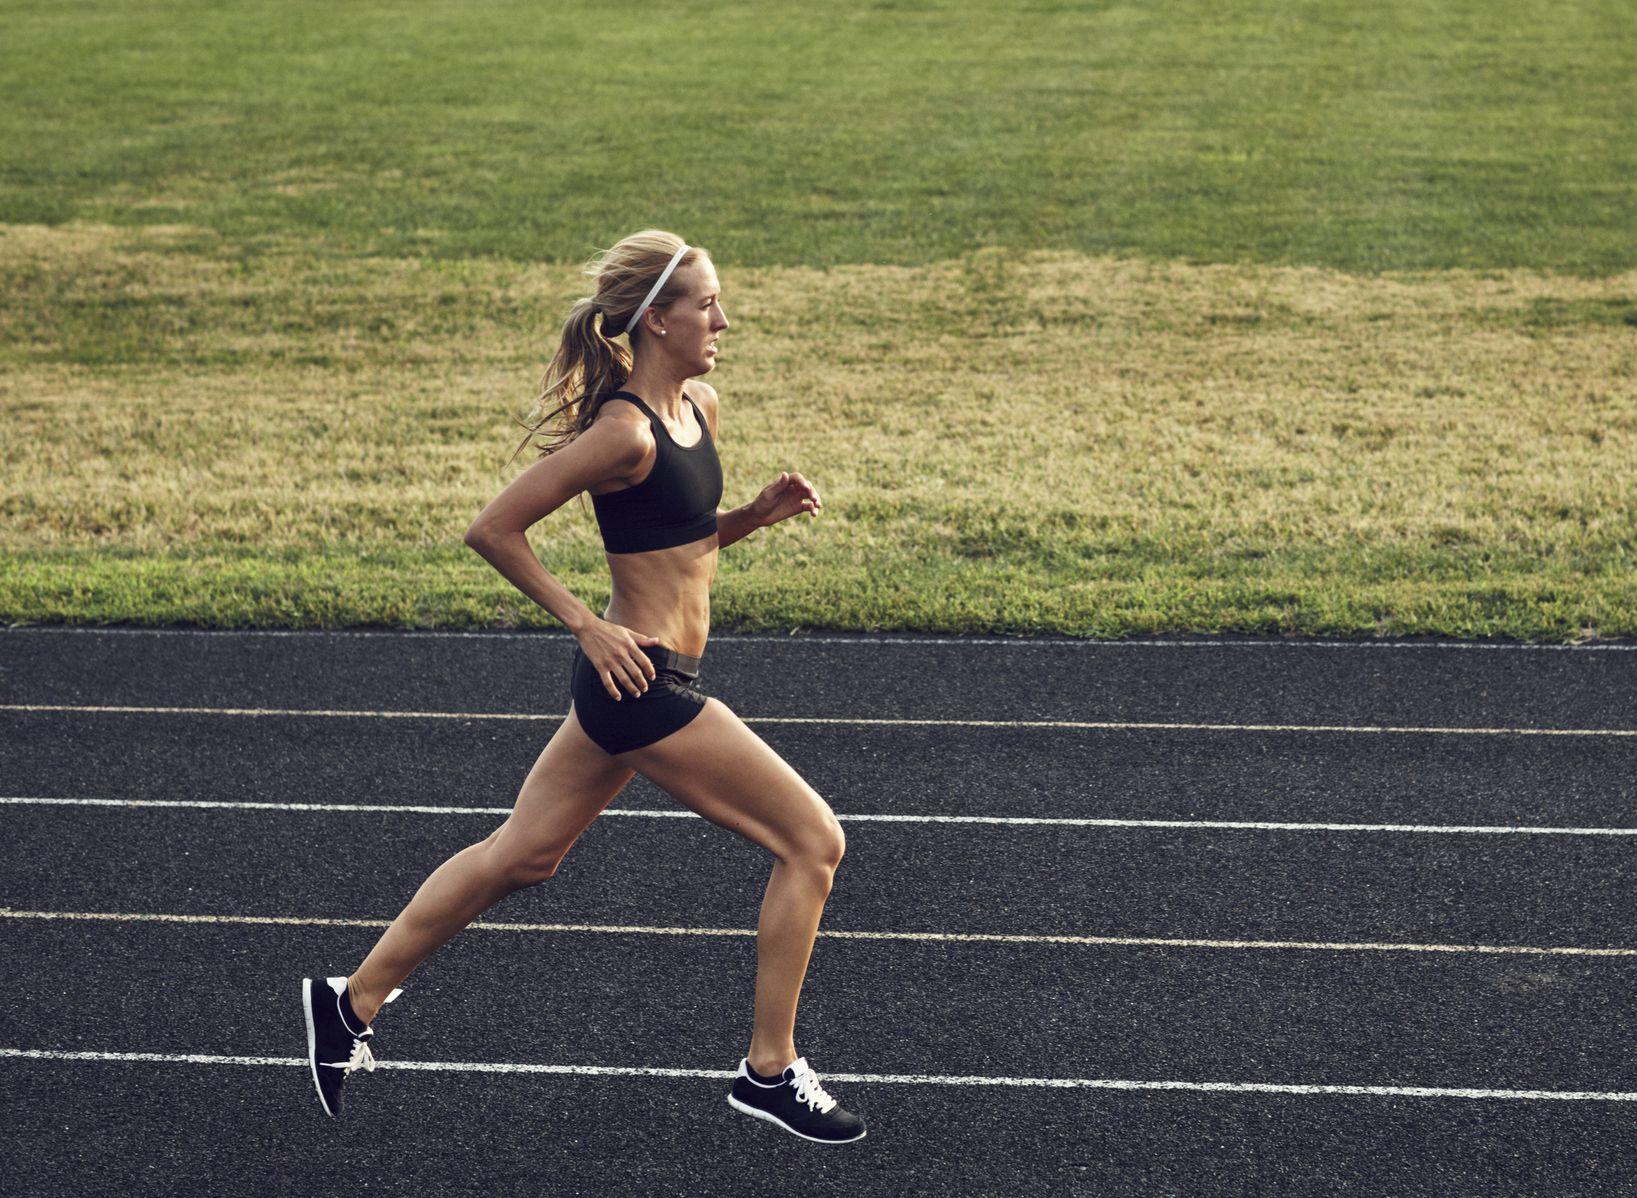 Cuantas calorias se queman al correr media hora